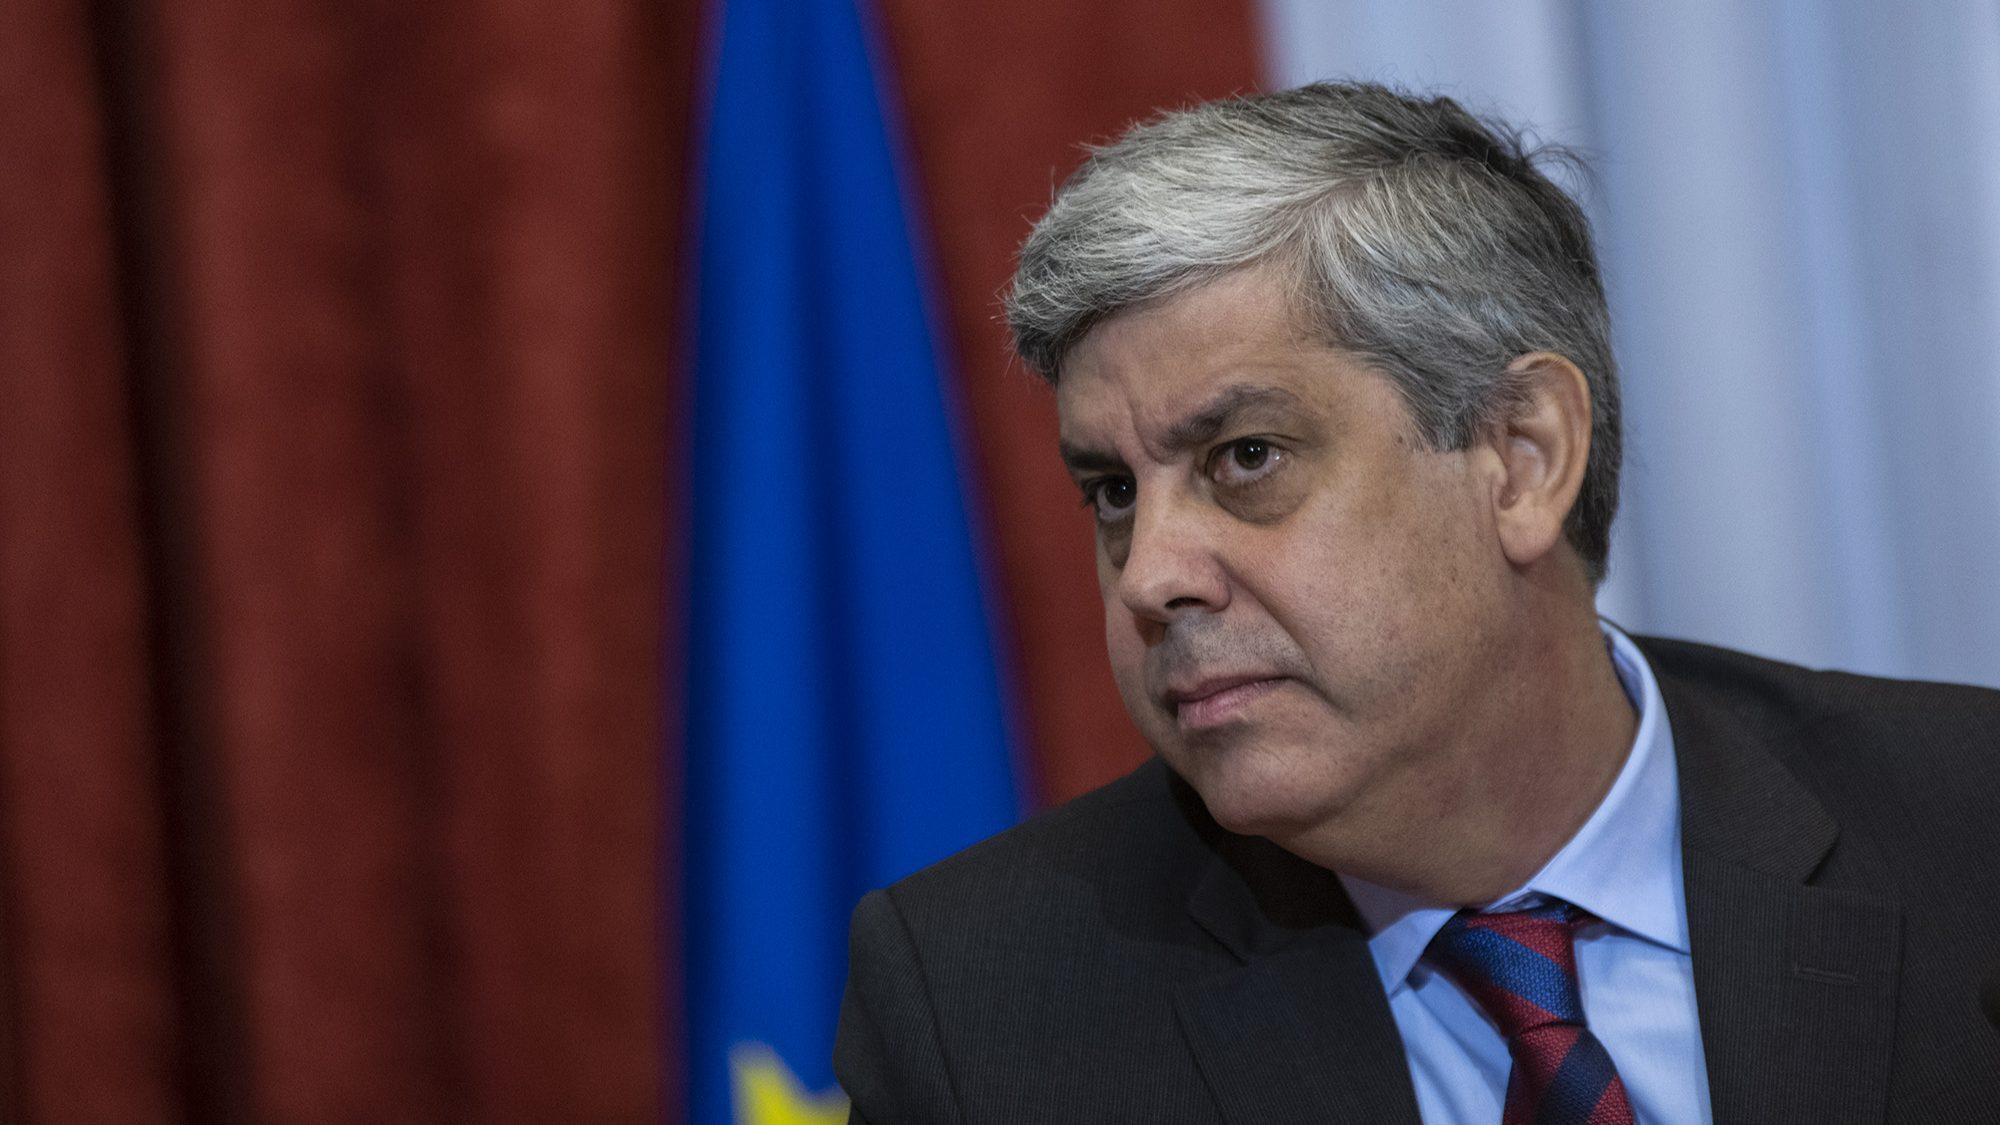 Centeno reitera que Roma tem de cumprir regras e lembra capacidade da UE de resistir a crises